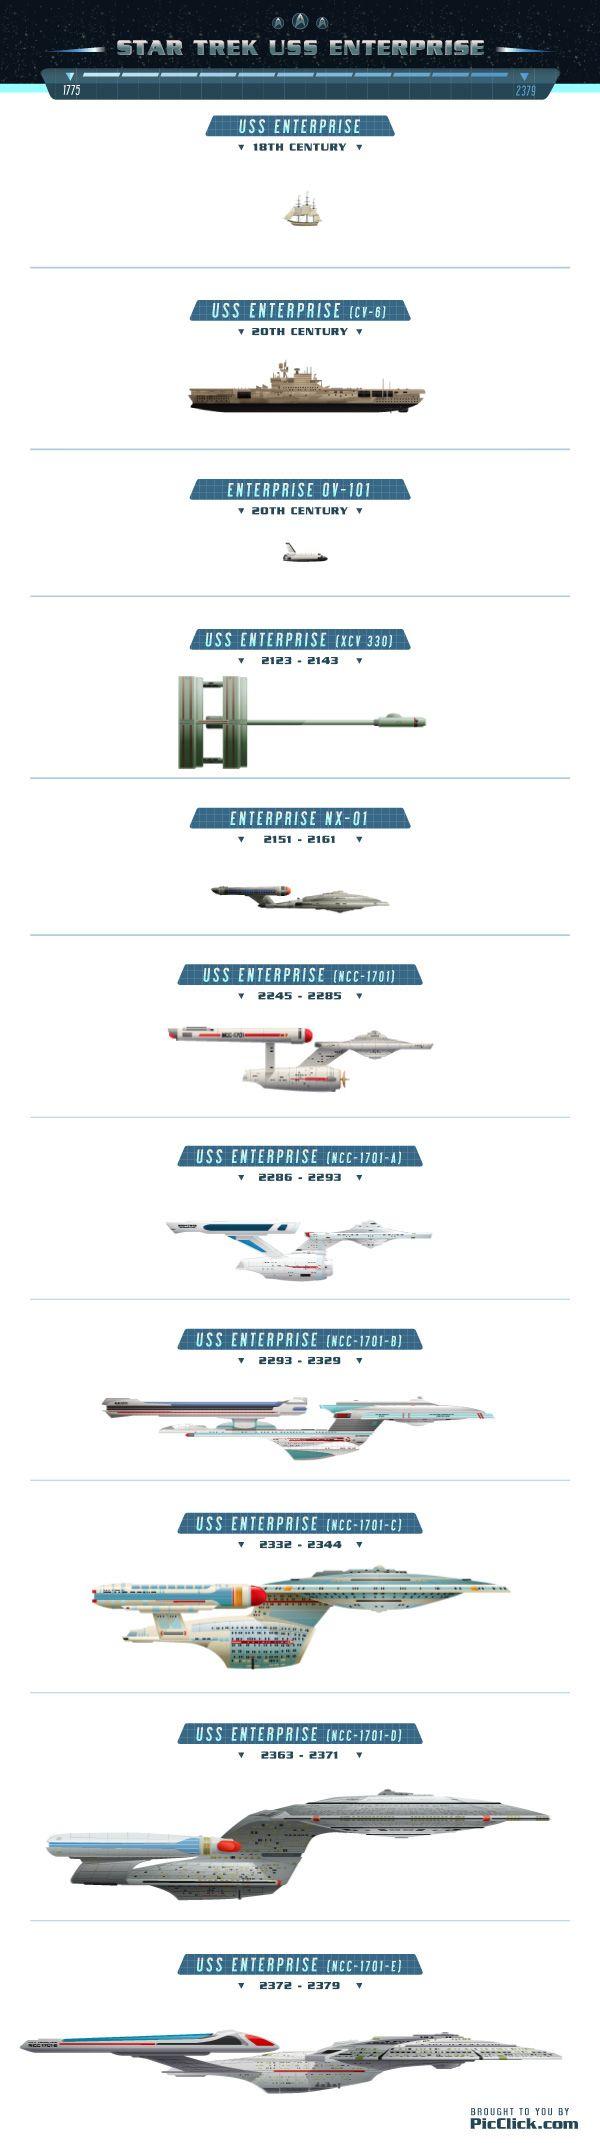 Star Trek USS Enterprise Morphed [video] #infographic #StarTrek